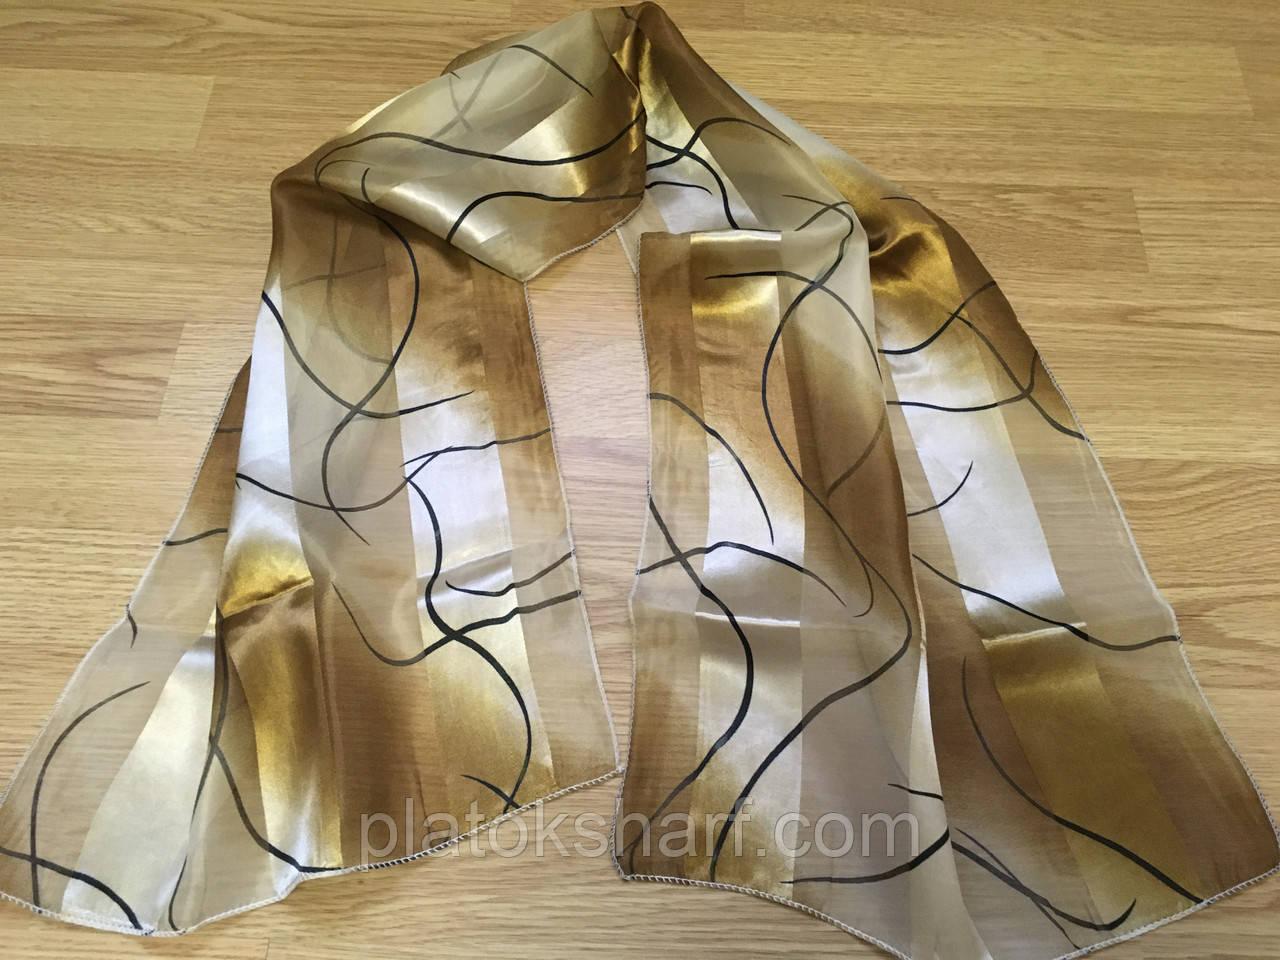 Шарфы женские, шарфы Атласные в ассортименте моделей 140*40 см